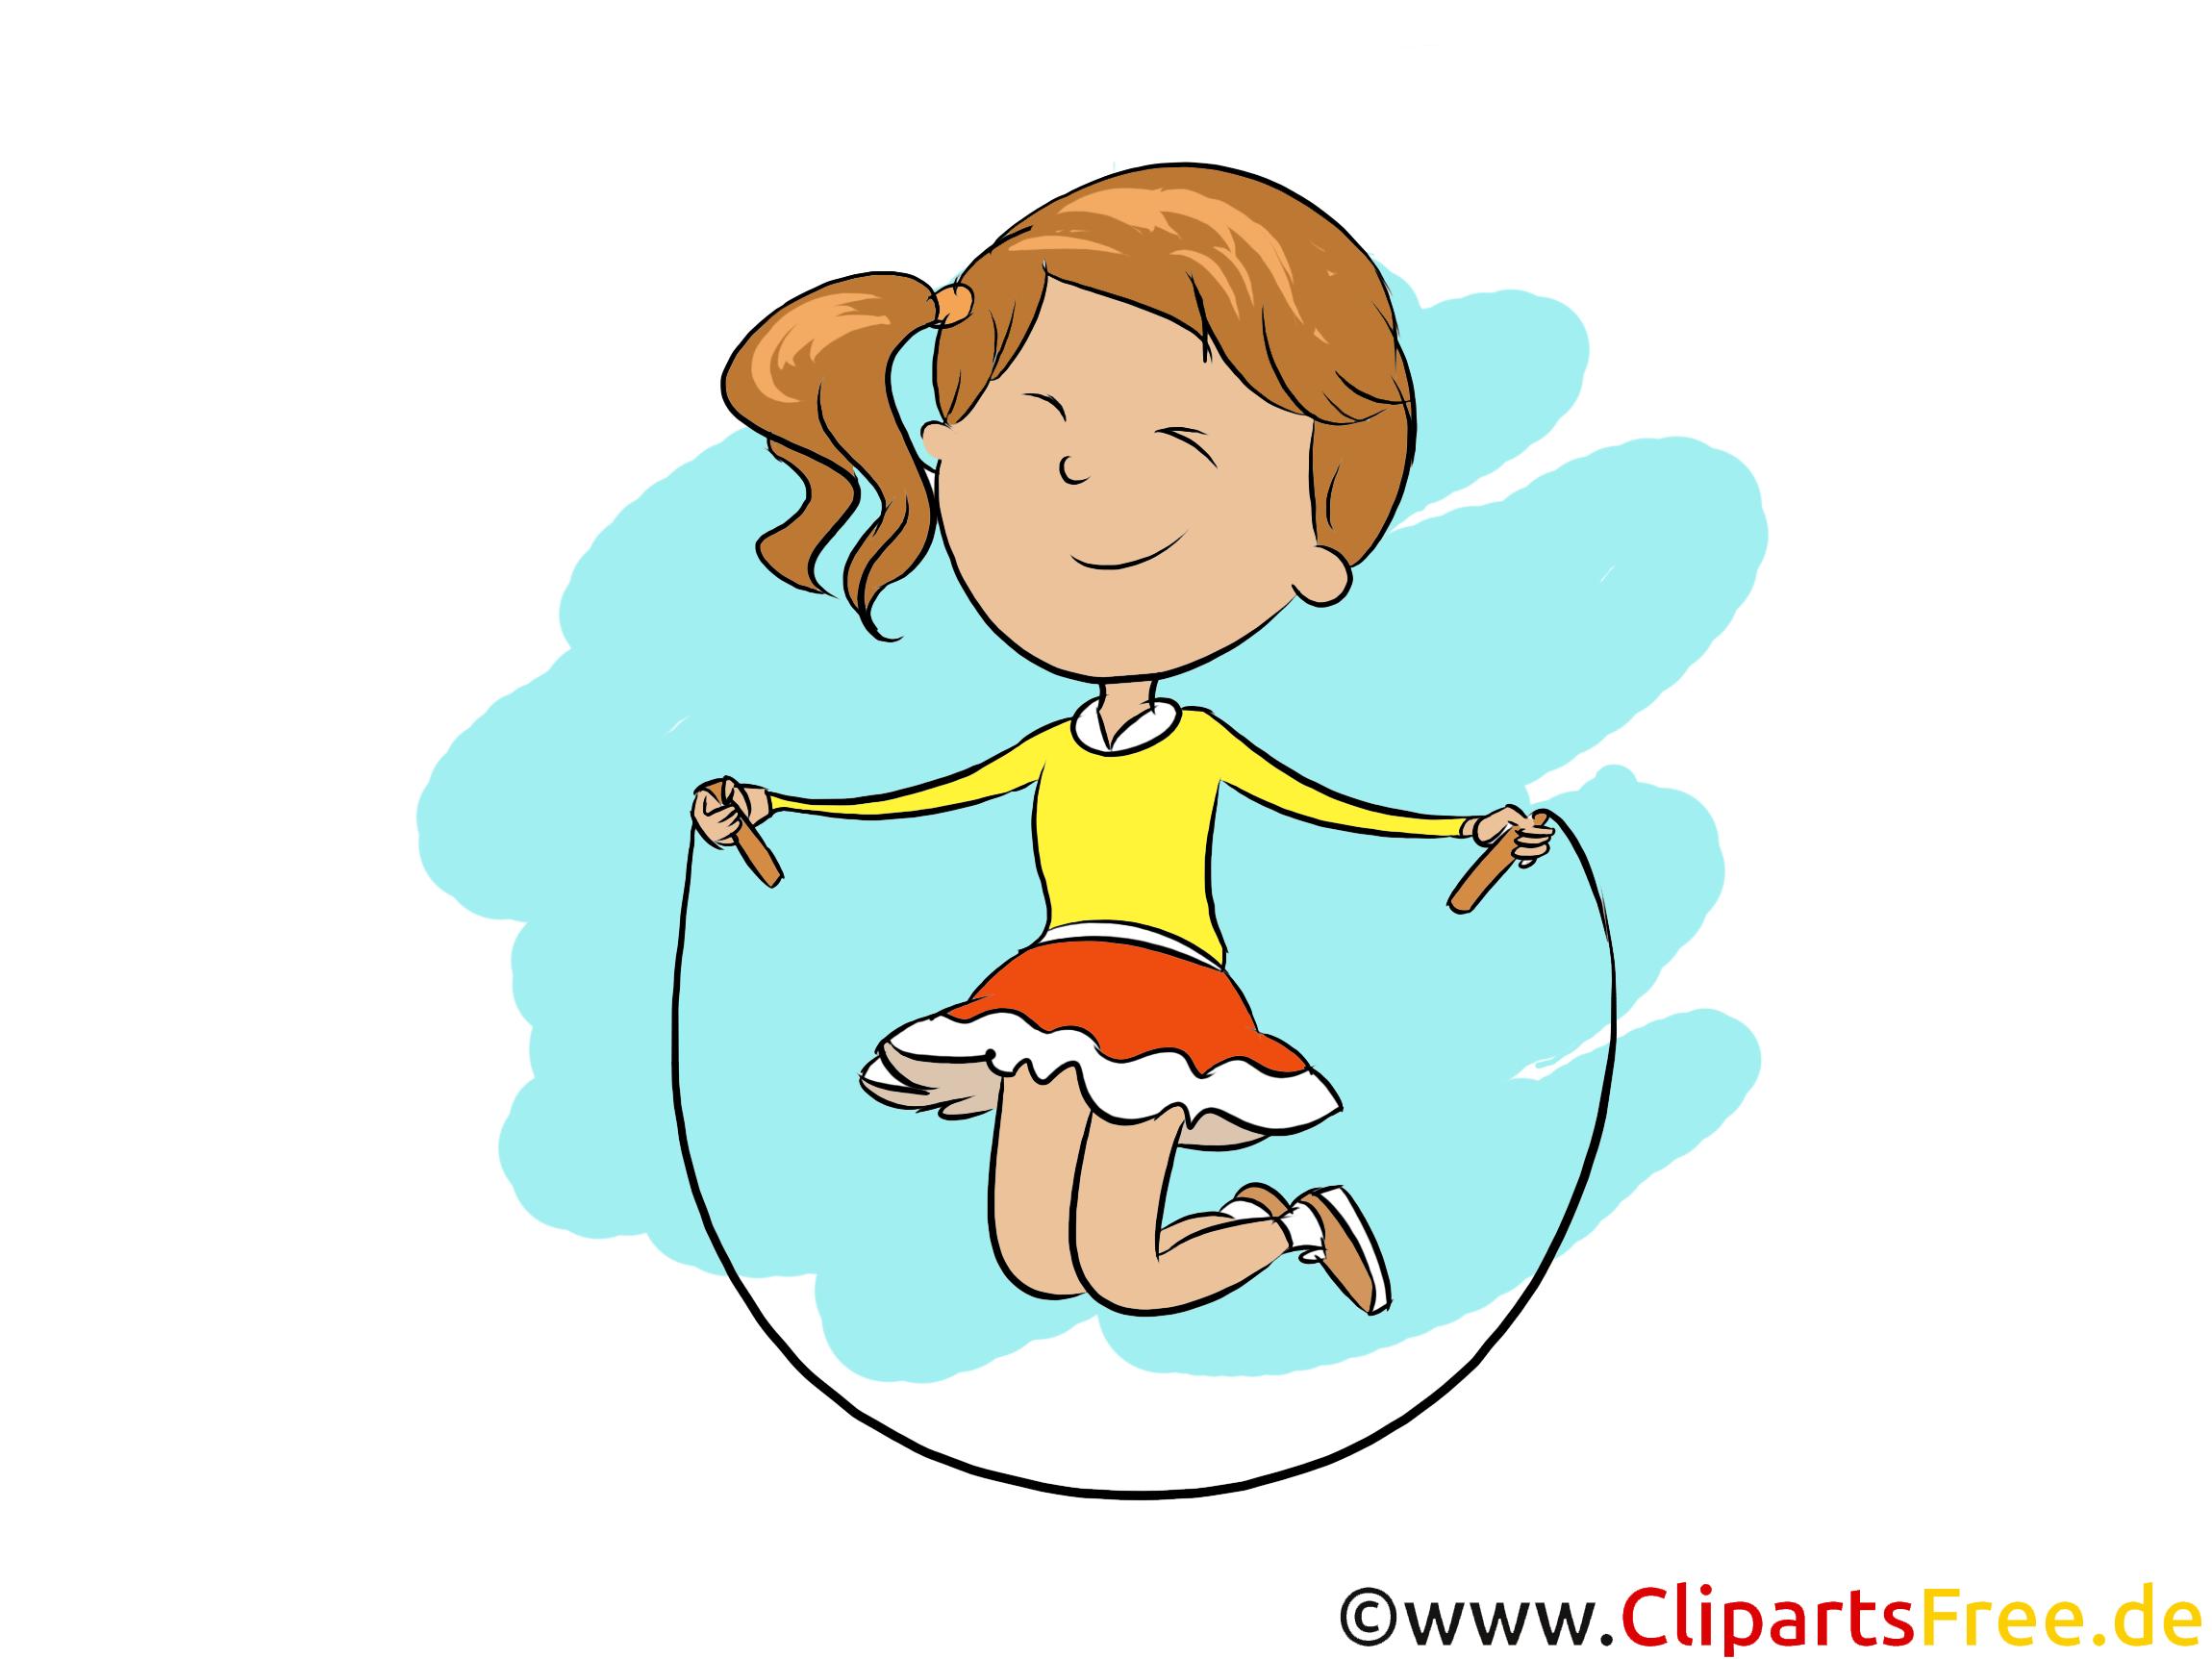 Springseil im Sportunterrsicht - Tagesablauf Cliparts für Grundschule